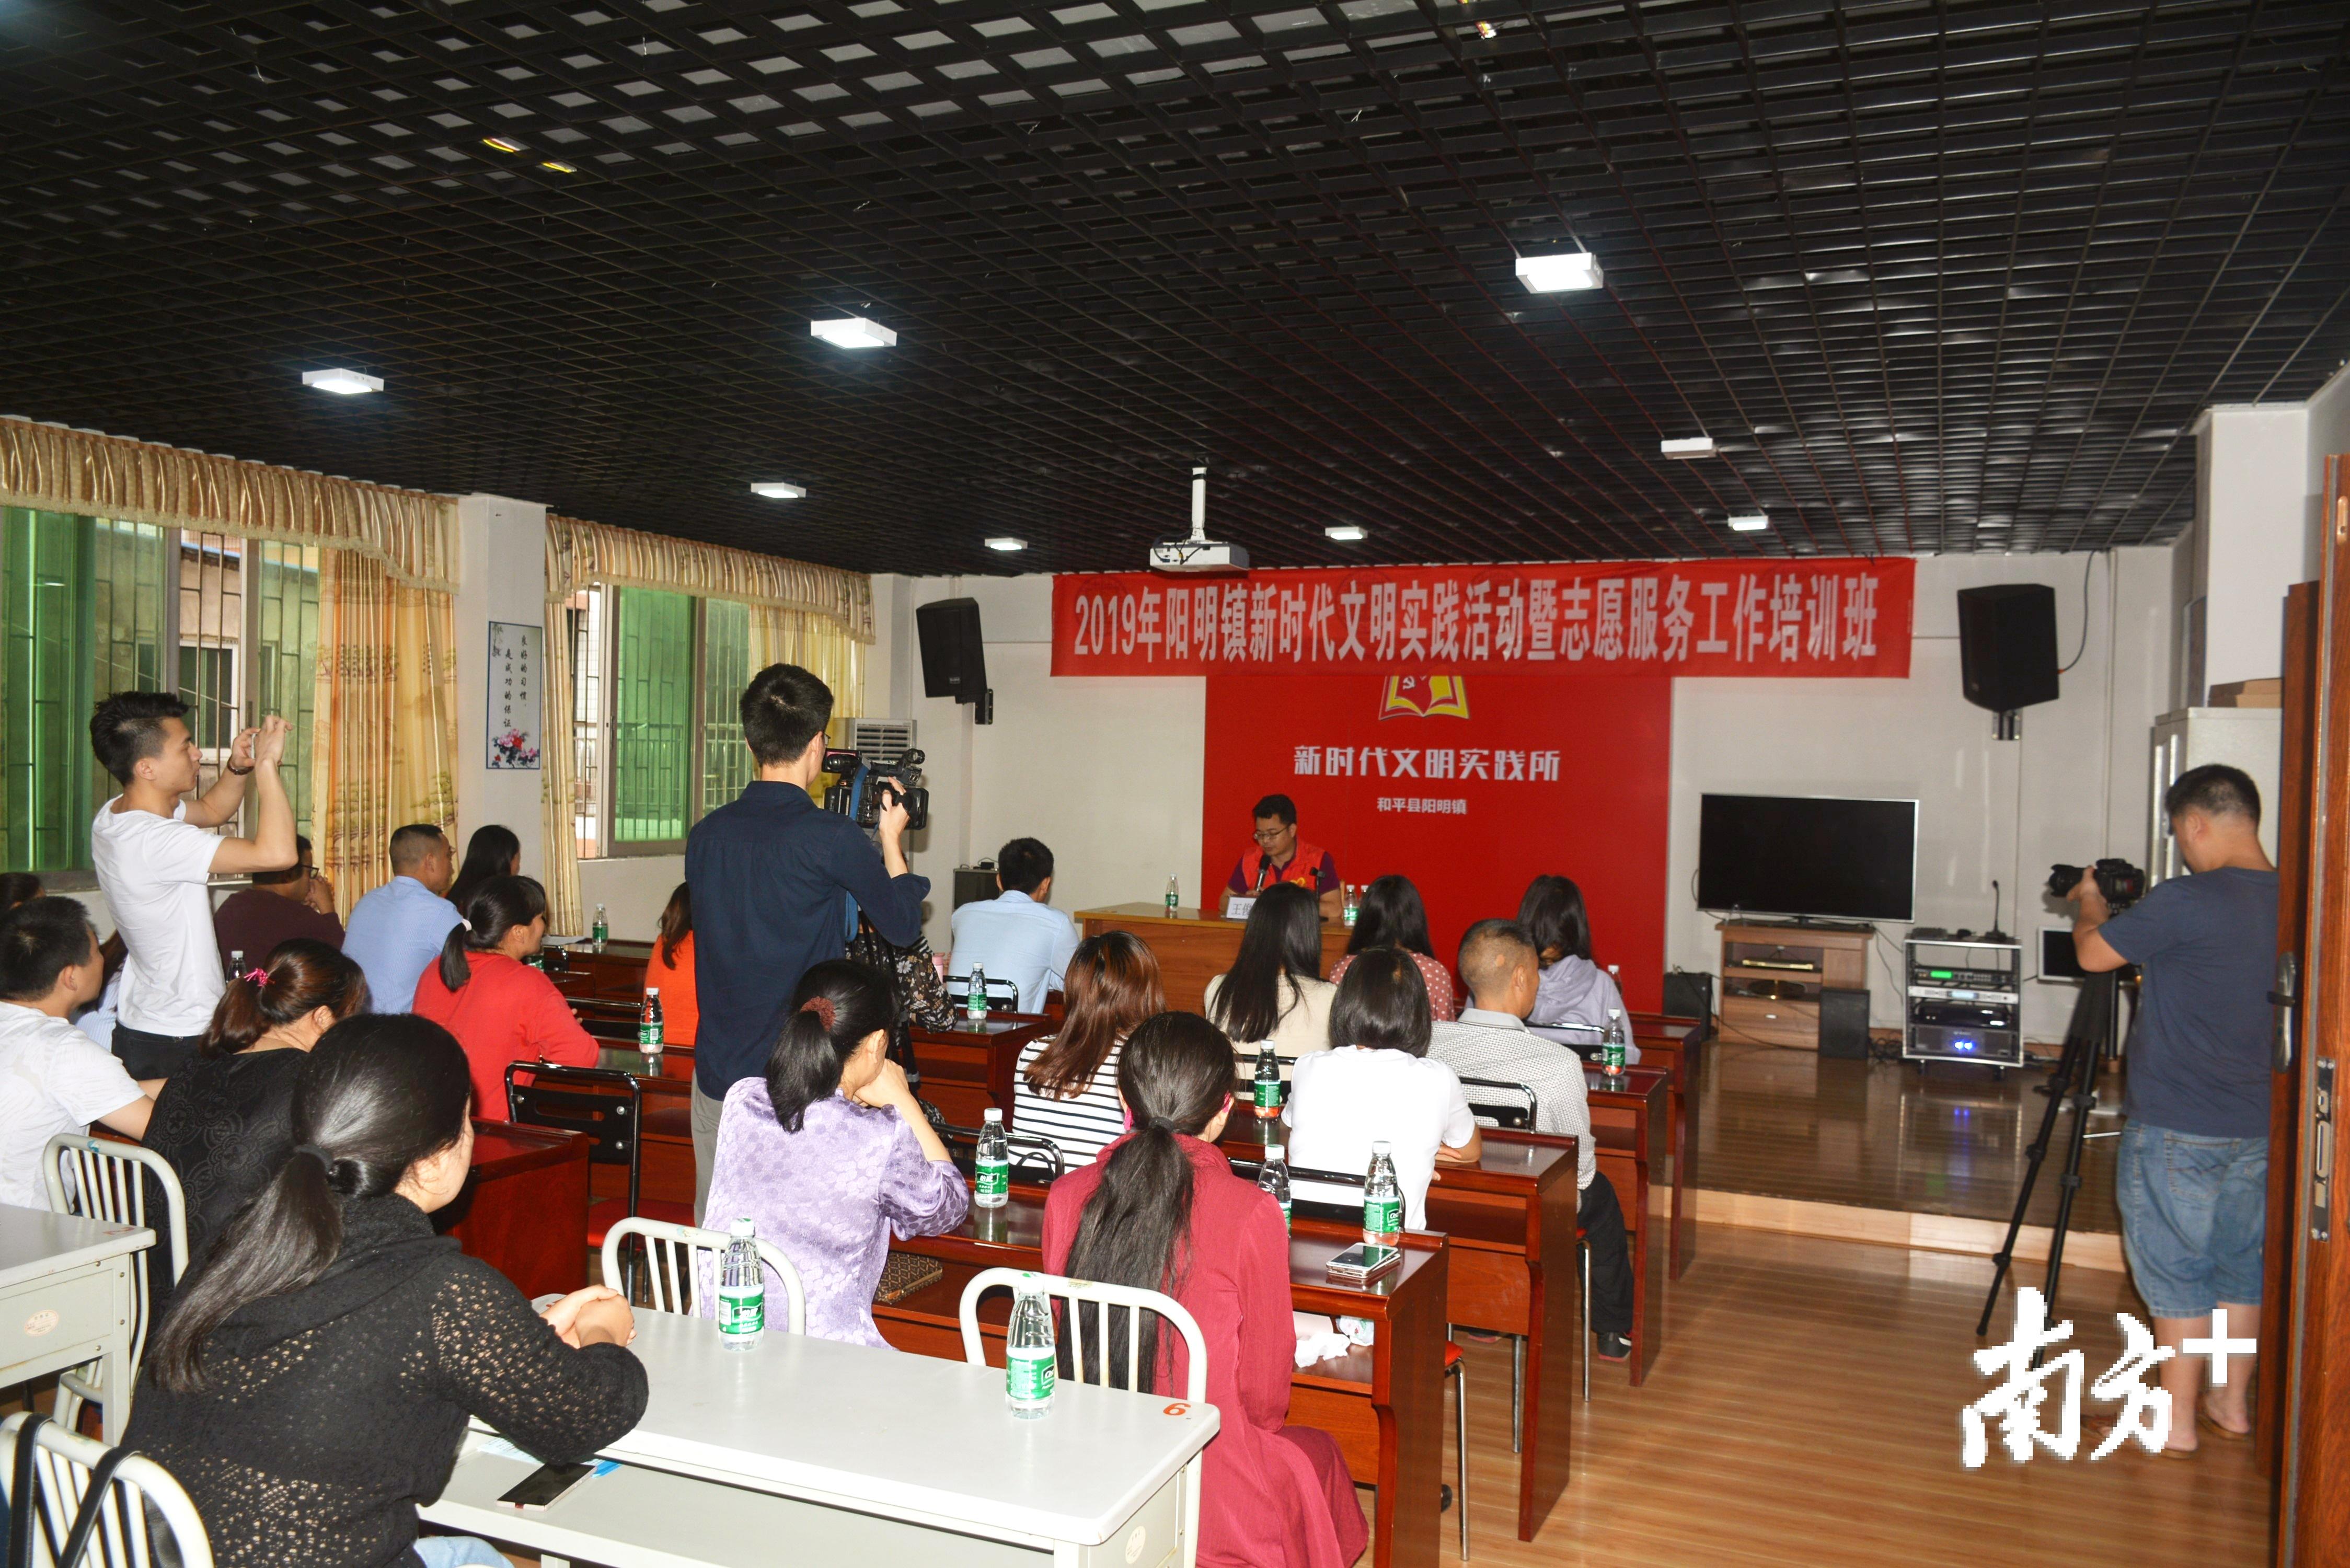 阳明镇新时代文明实践所开展志愿服务工作培训班活动。受访者供图